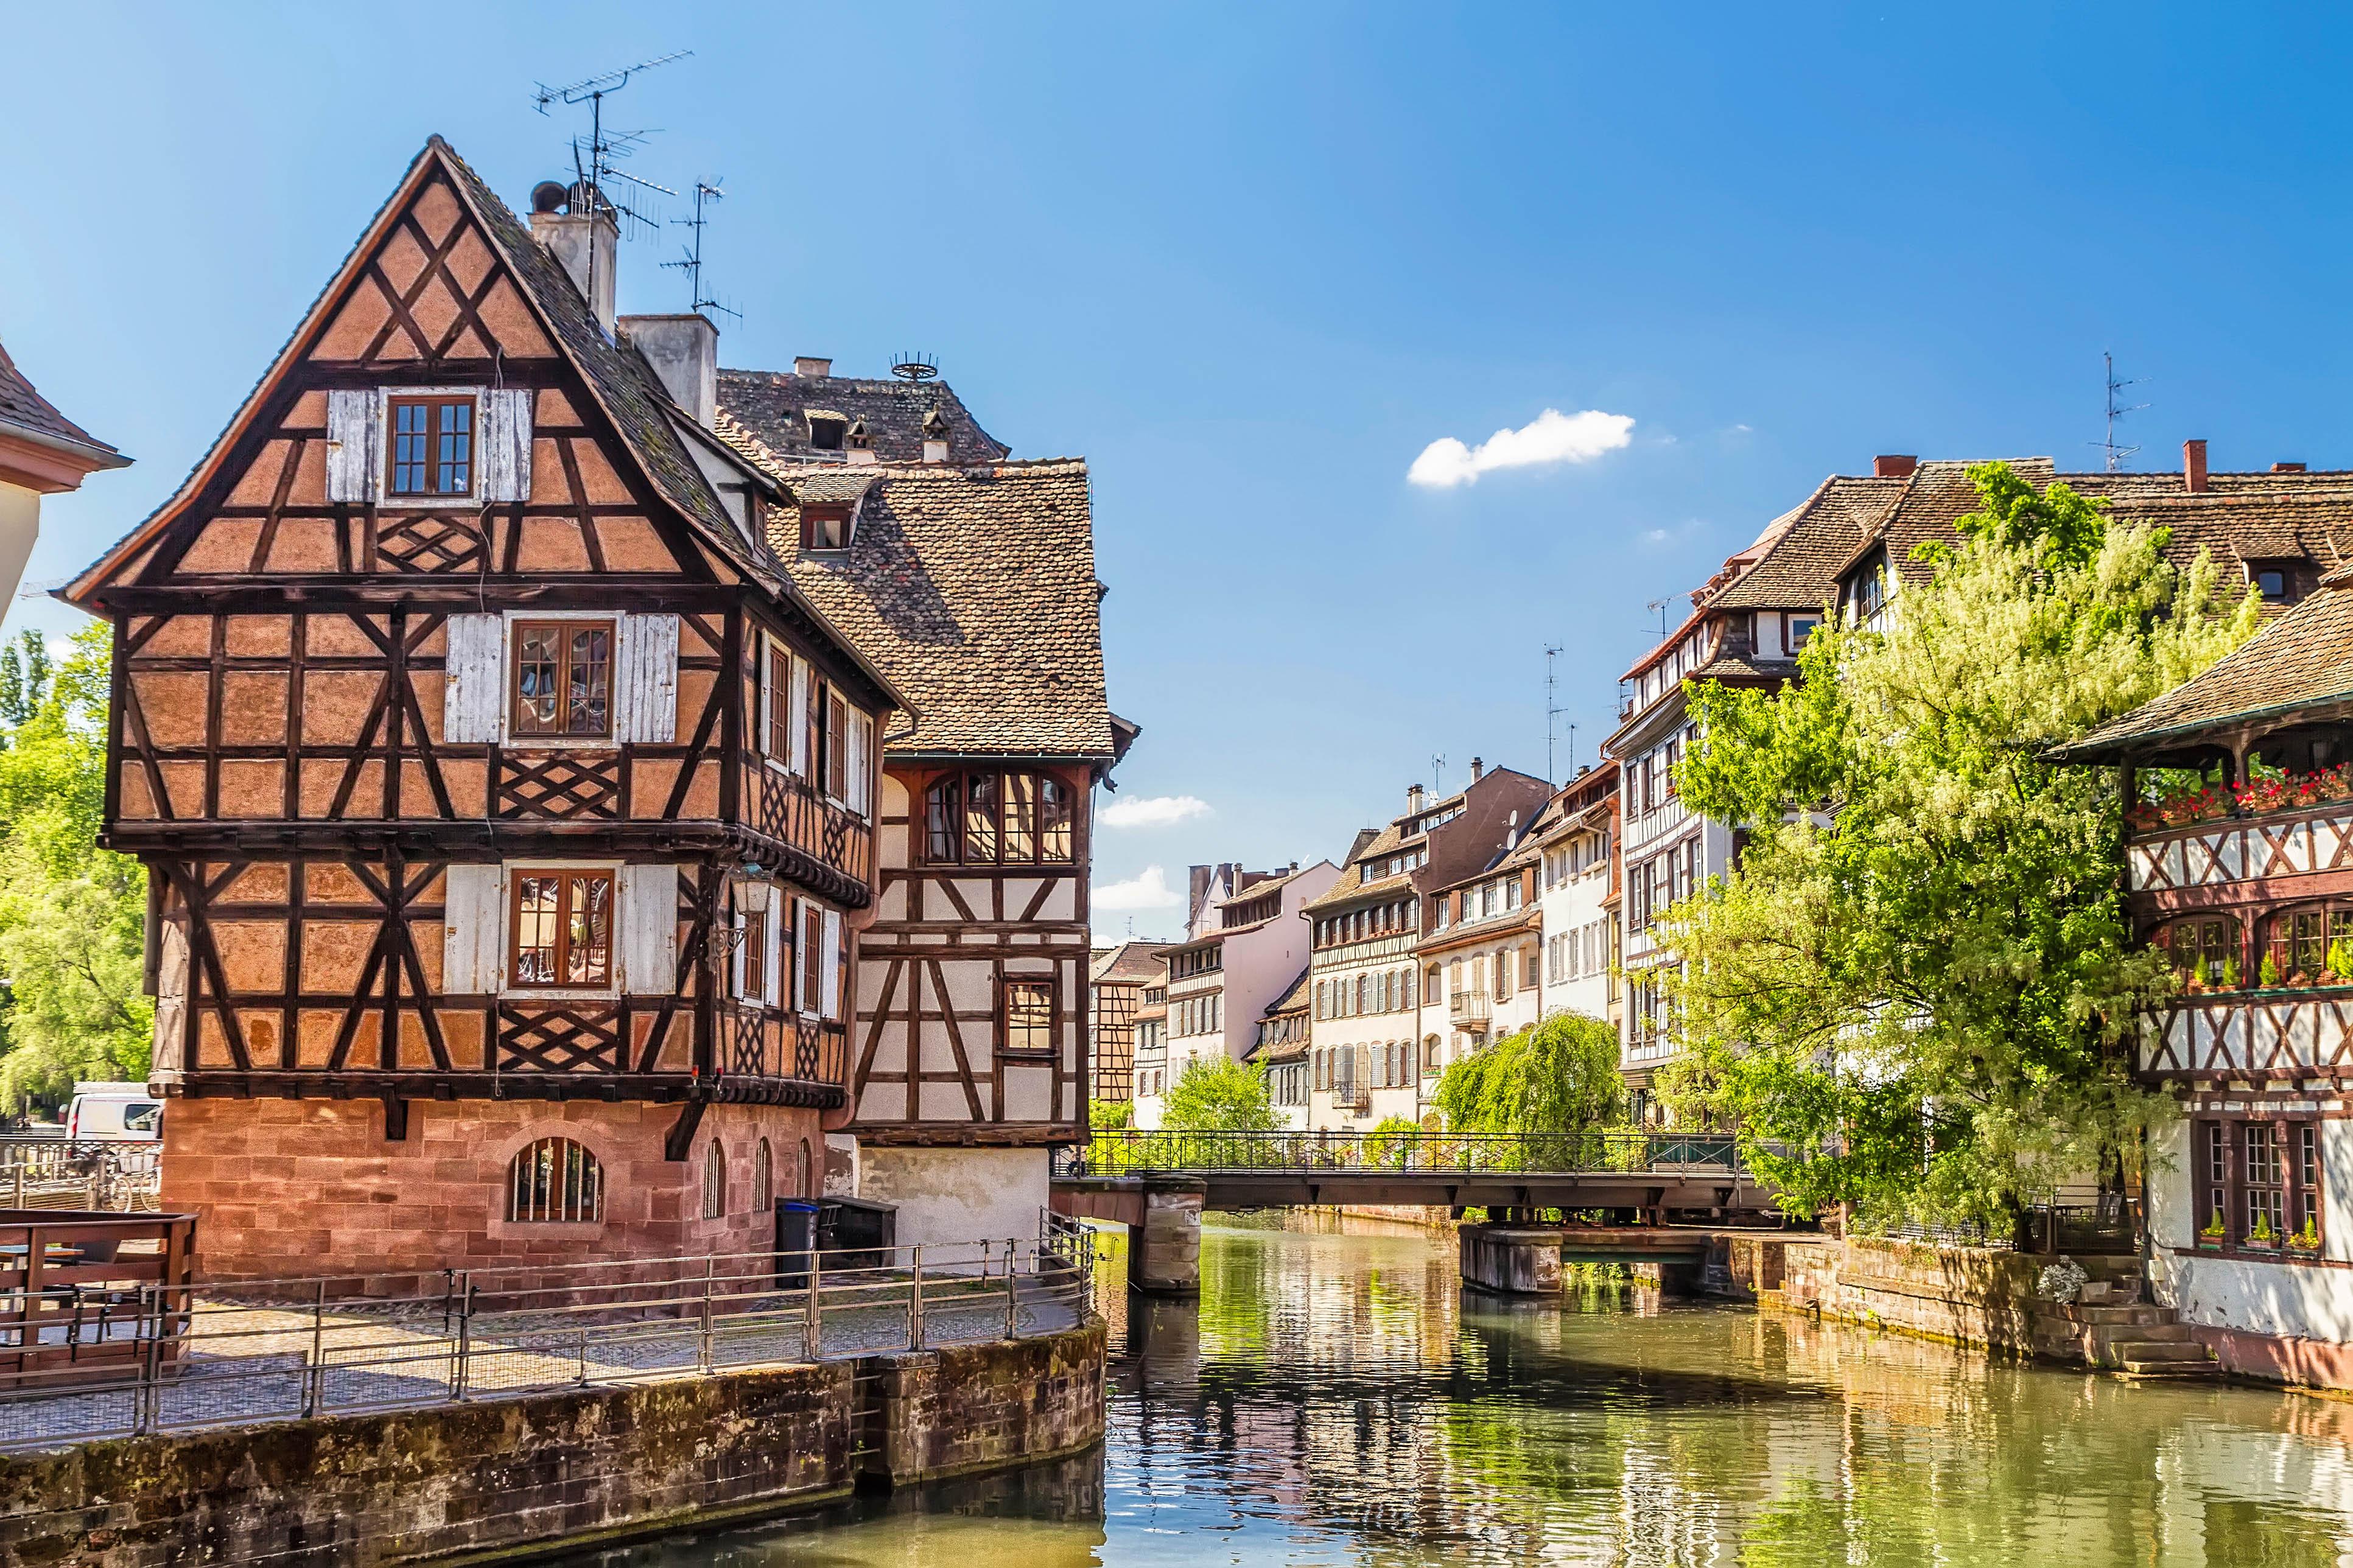 Stra burg tipps f r einen tollen aufenthalt - Residence les jardins d alsace strasbourg ...